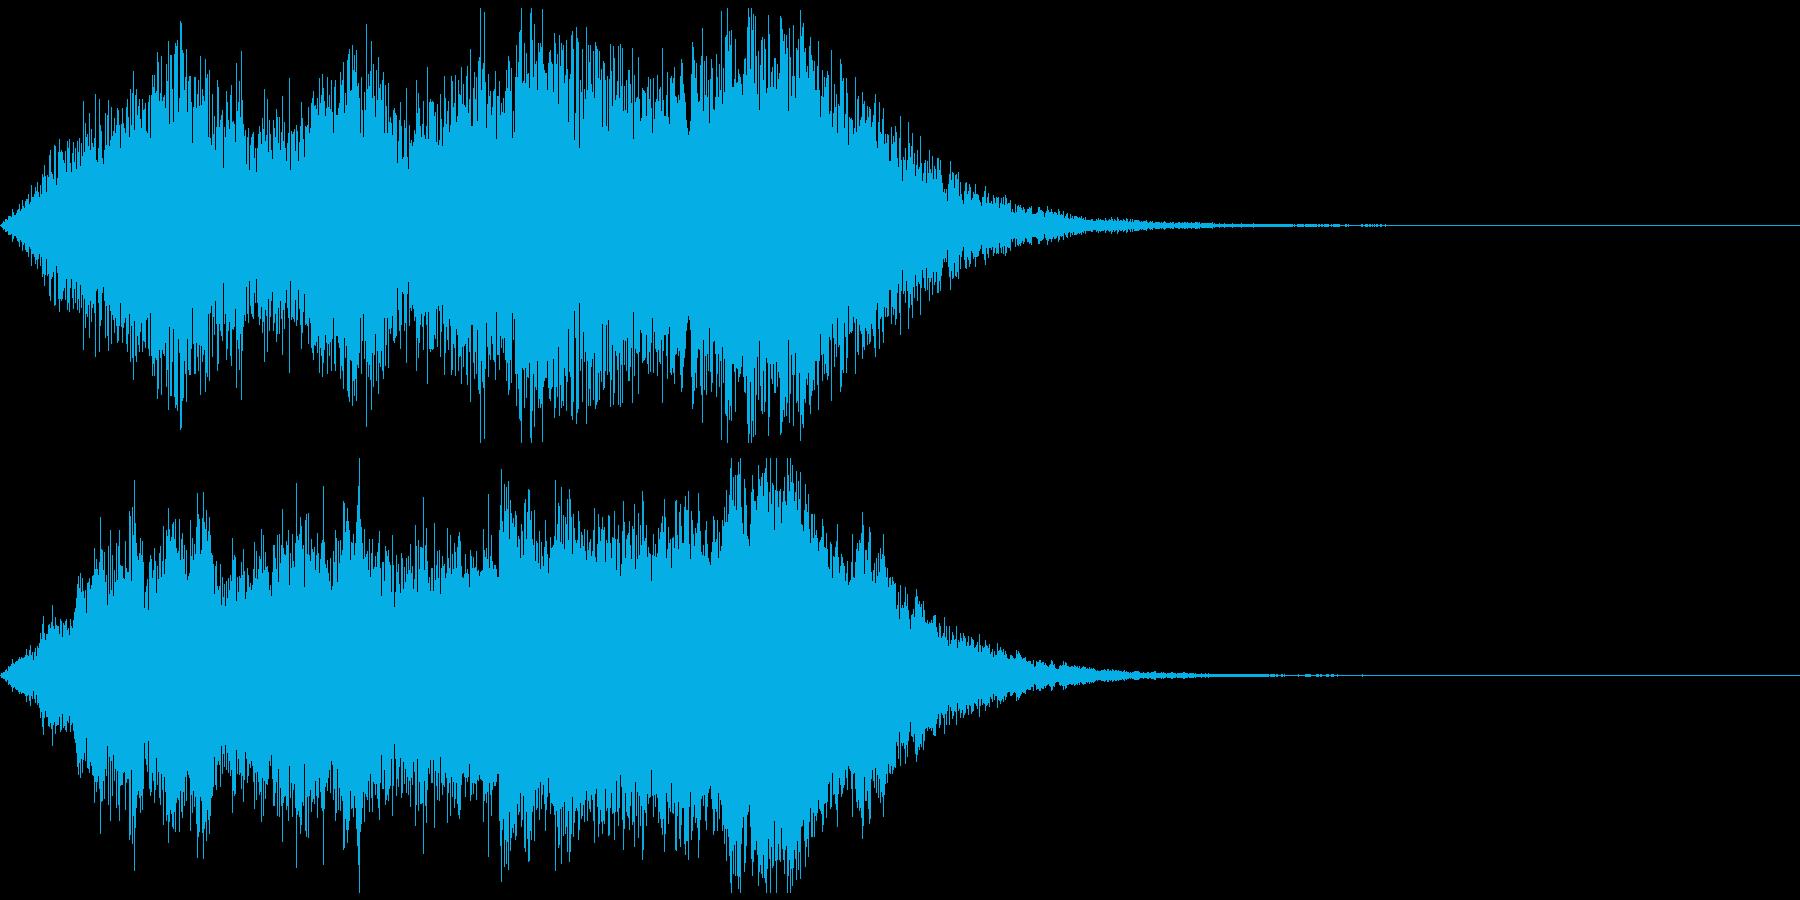 【ジングル】緊迫感のあるストリングスの再生済みの波形